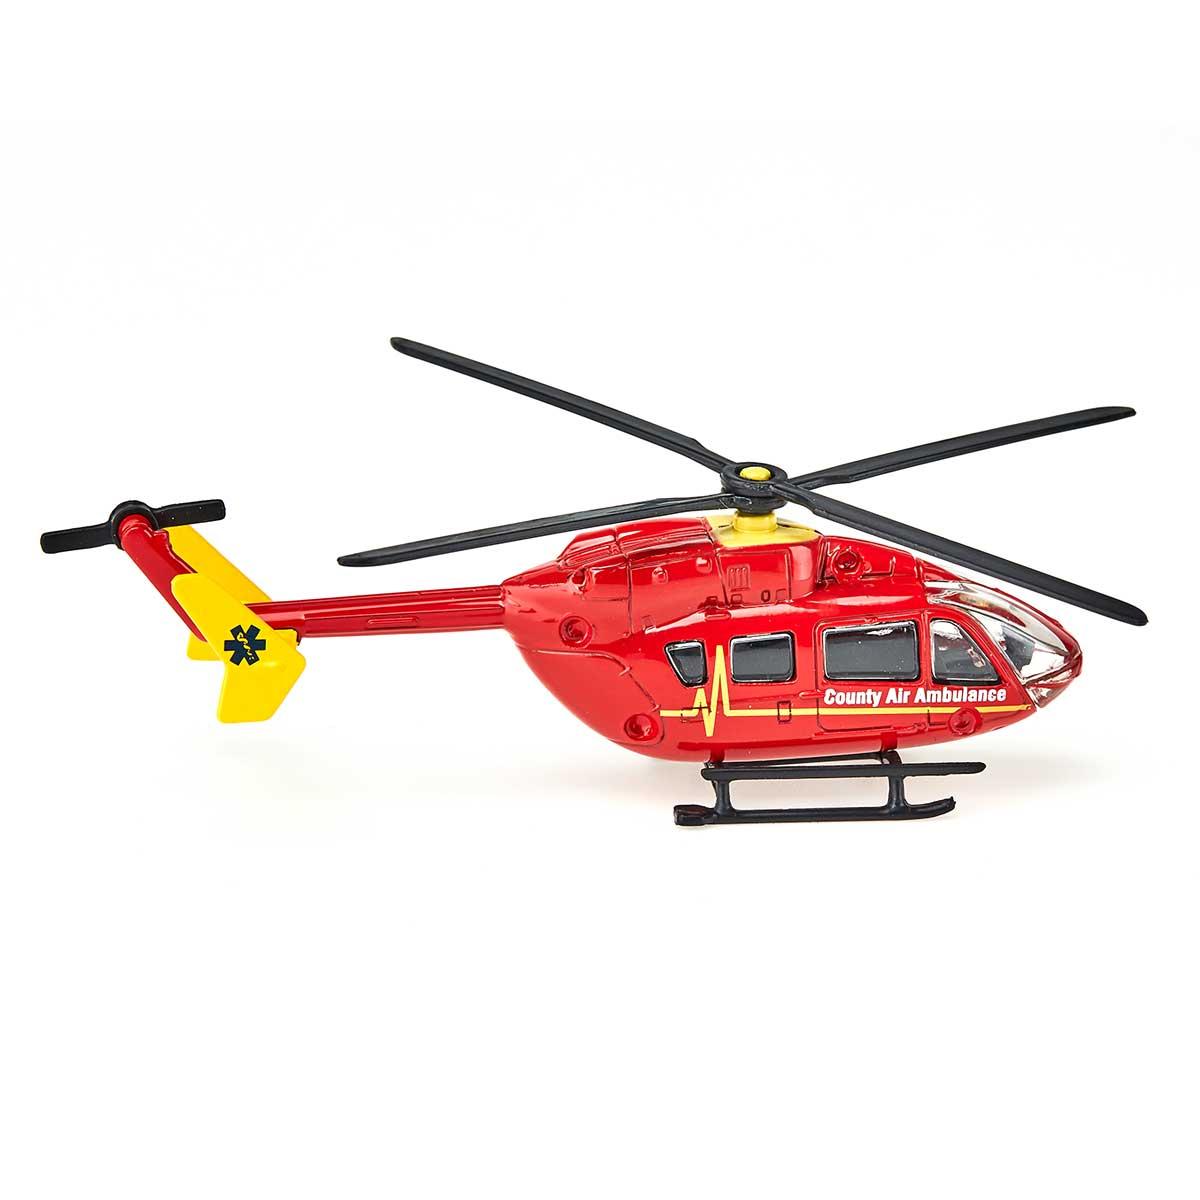 カウンティー 救急ヘリコプター(ジク・SIKU)